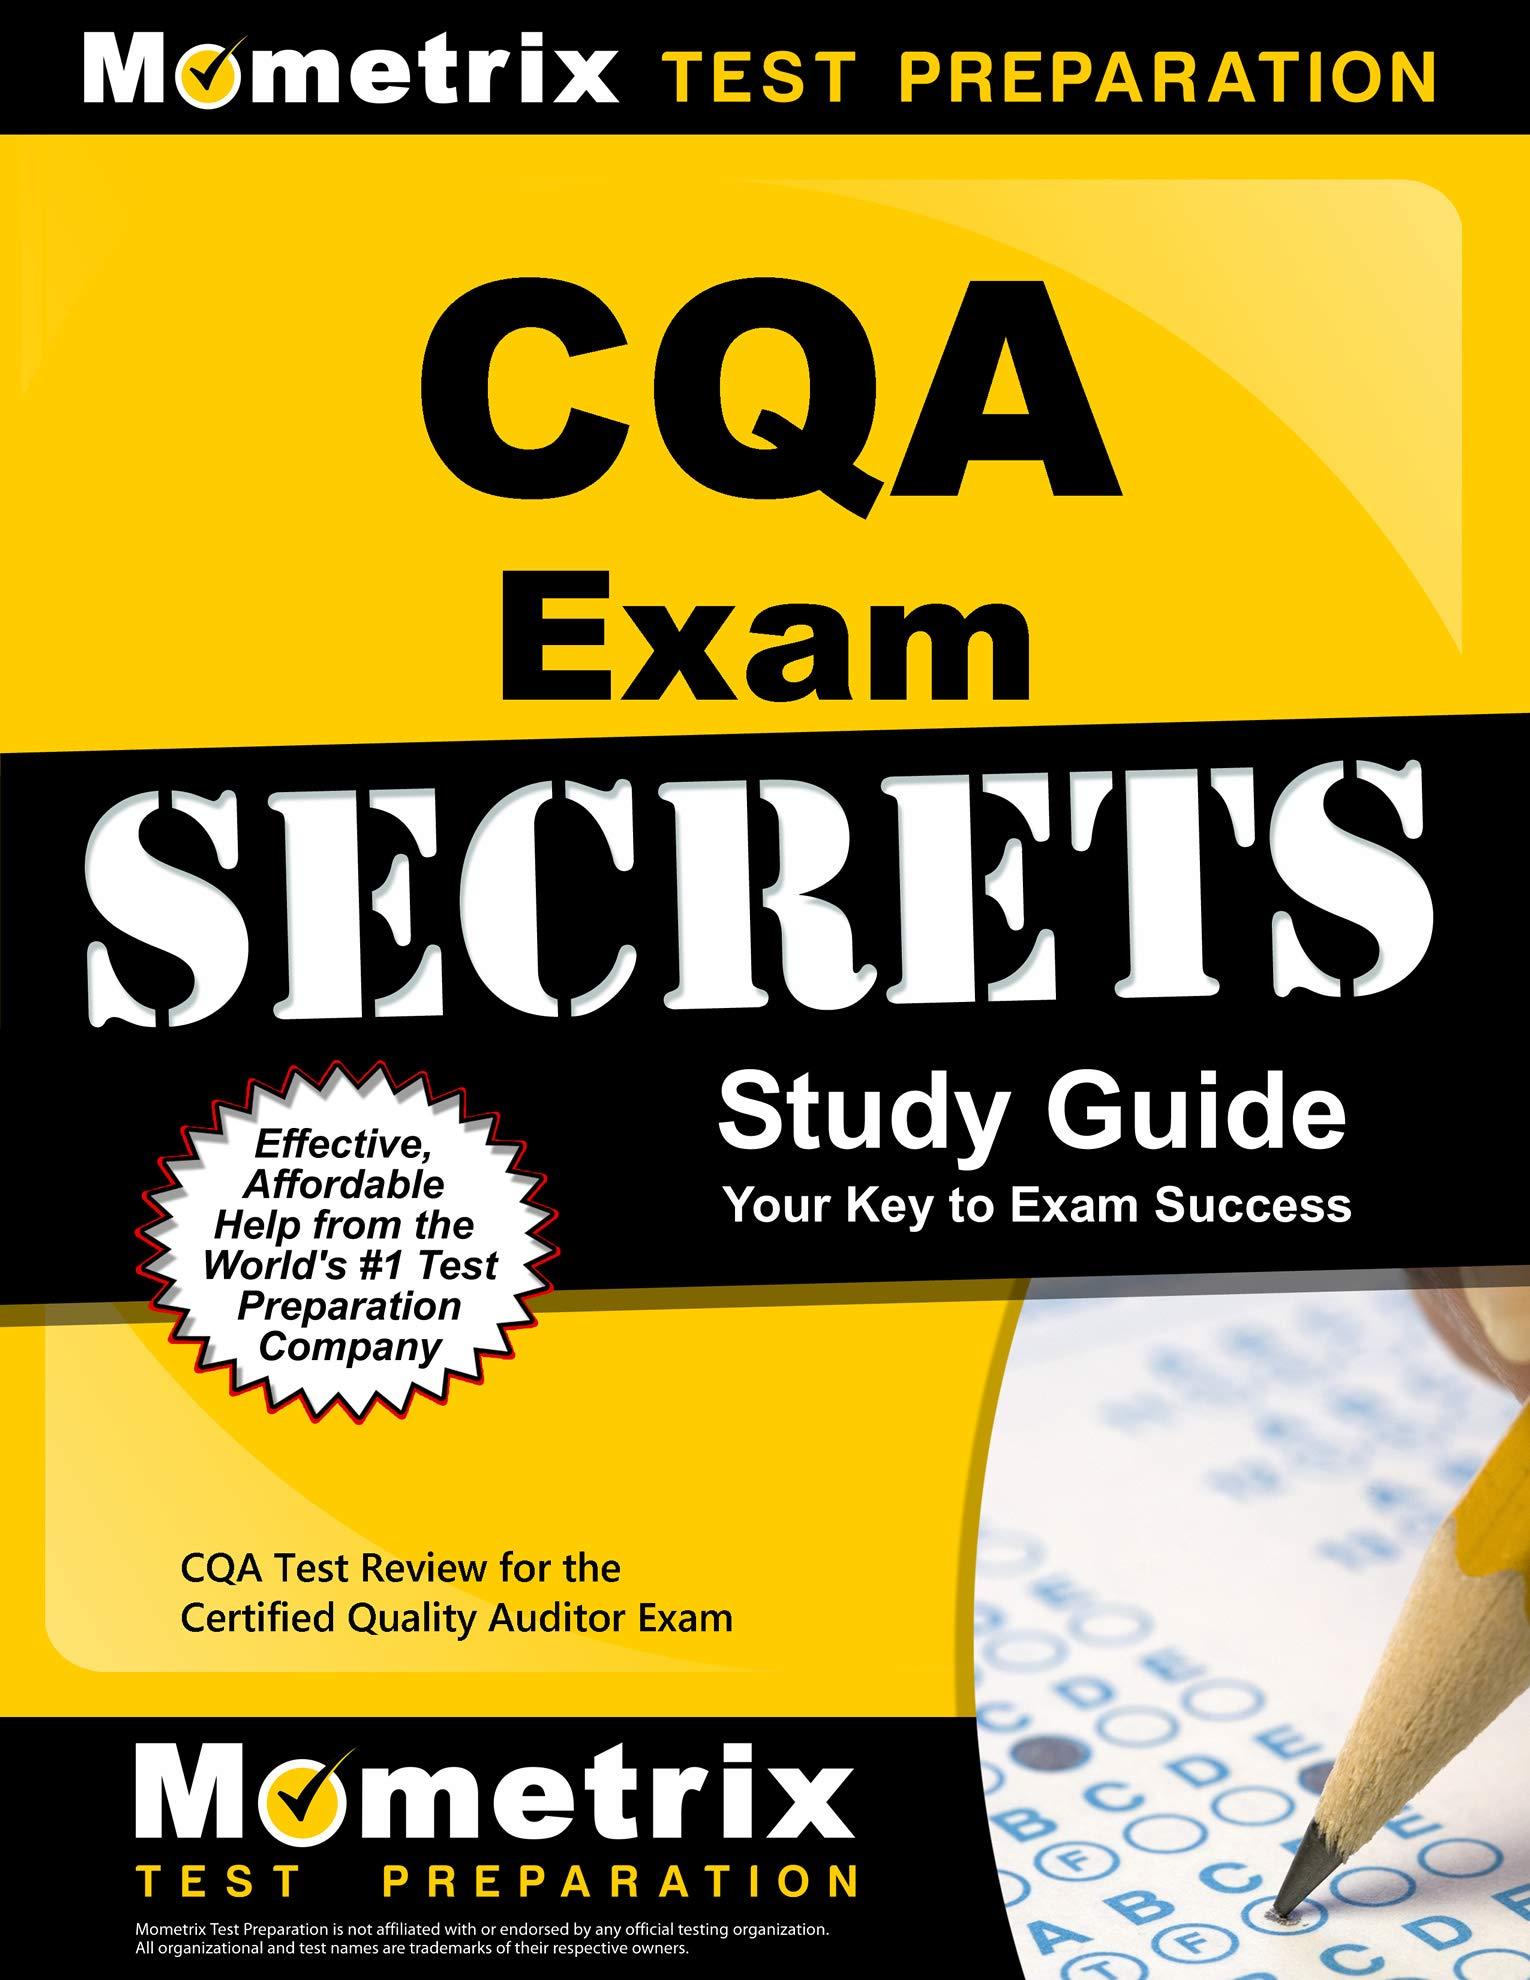 Amazon.com: CQA Exam Secrets Study Guide: CQA Test Review ...